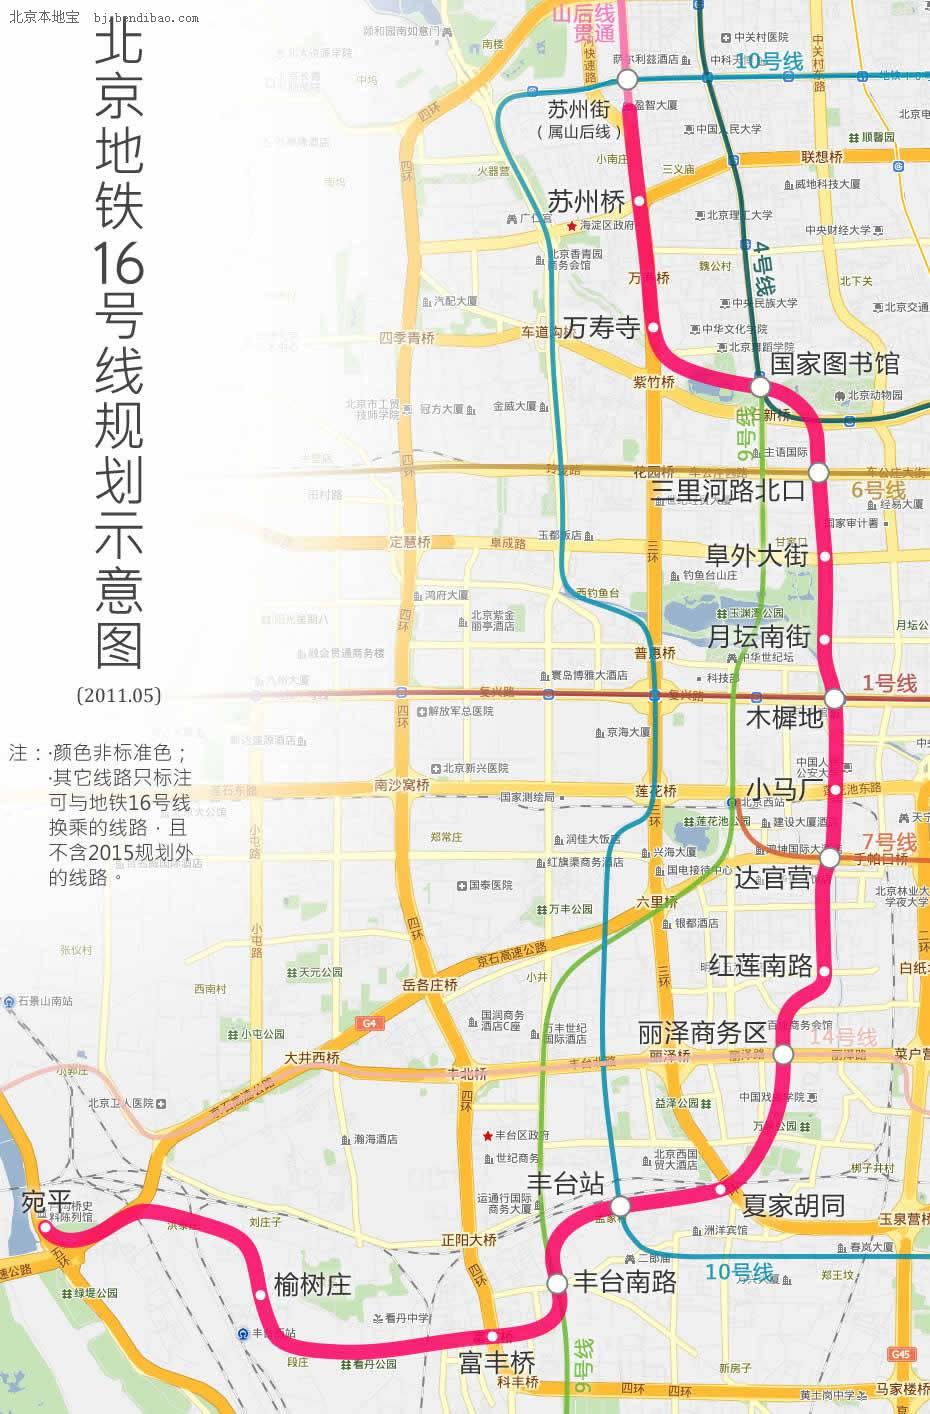 天津地铁8号线路图图片大全 htm from 天津地铁线路图图片